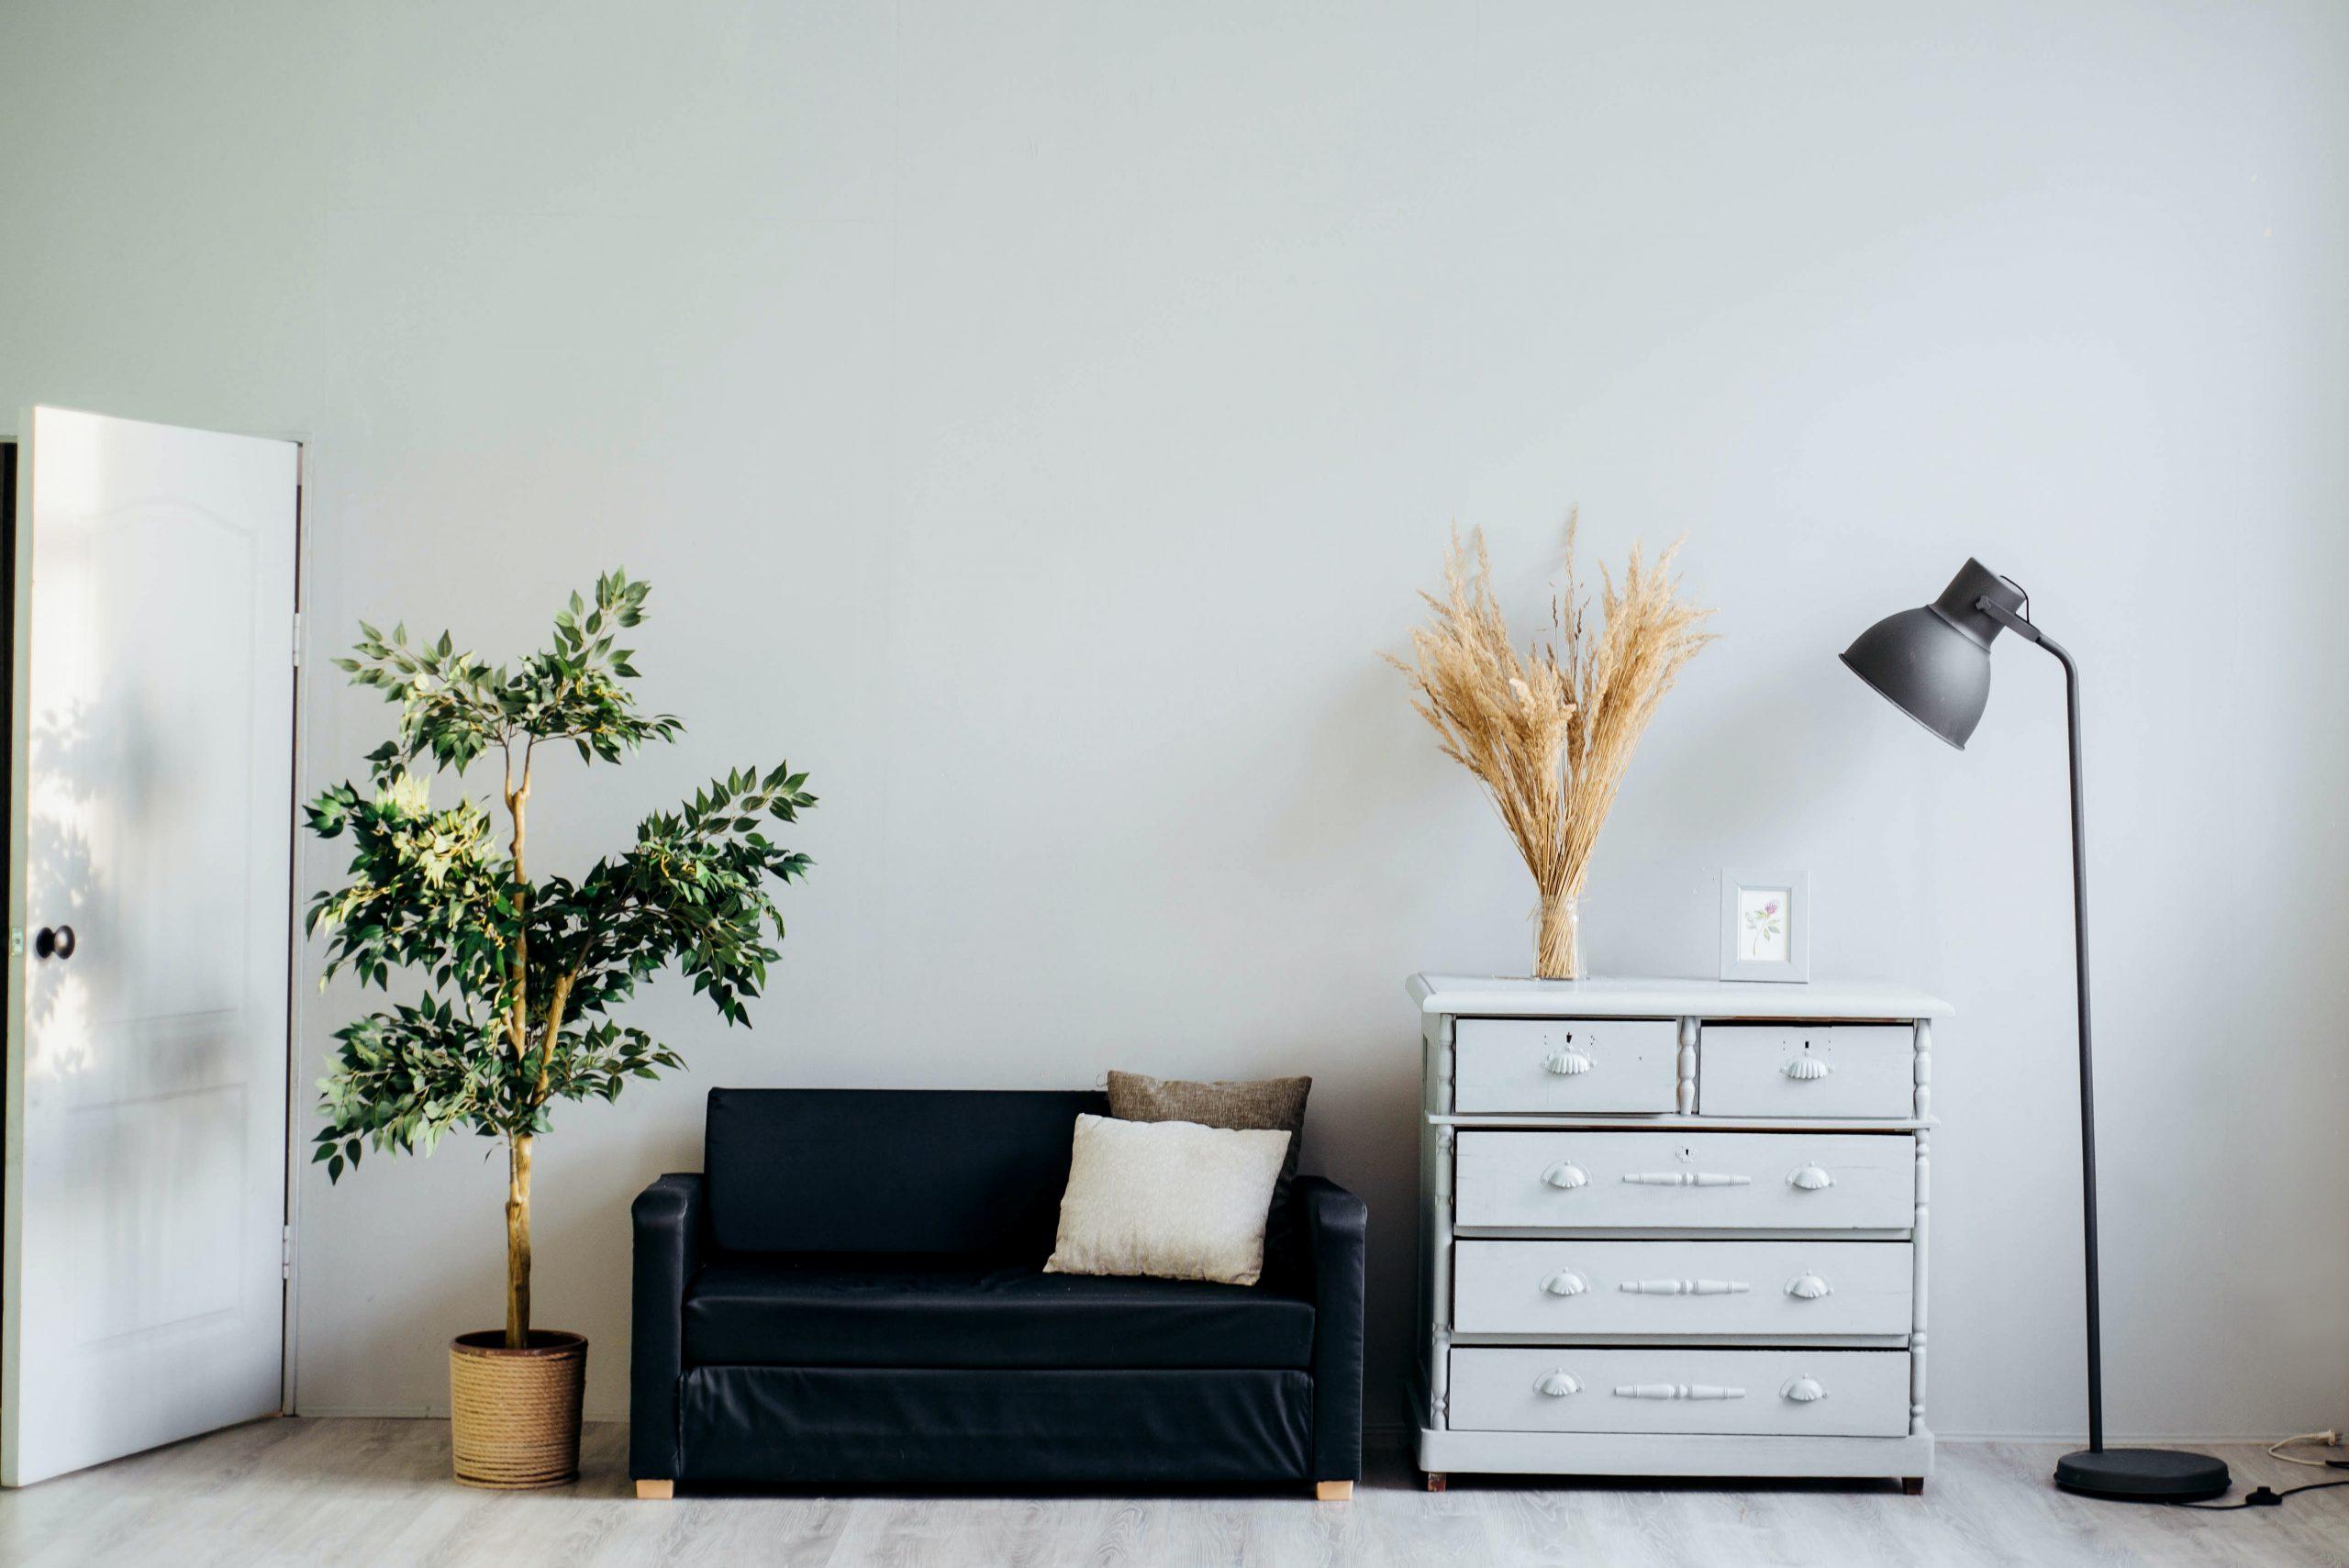 Çevre Dostu Ev Dekorasyon Önerileri